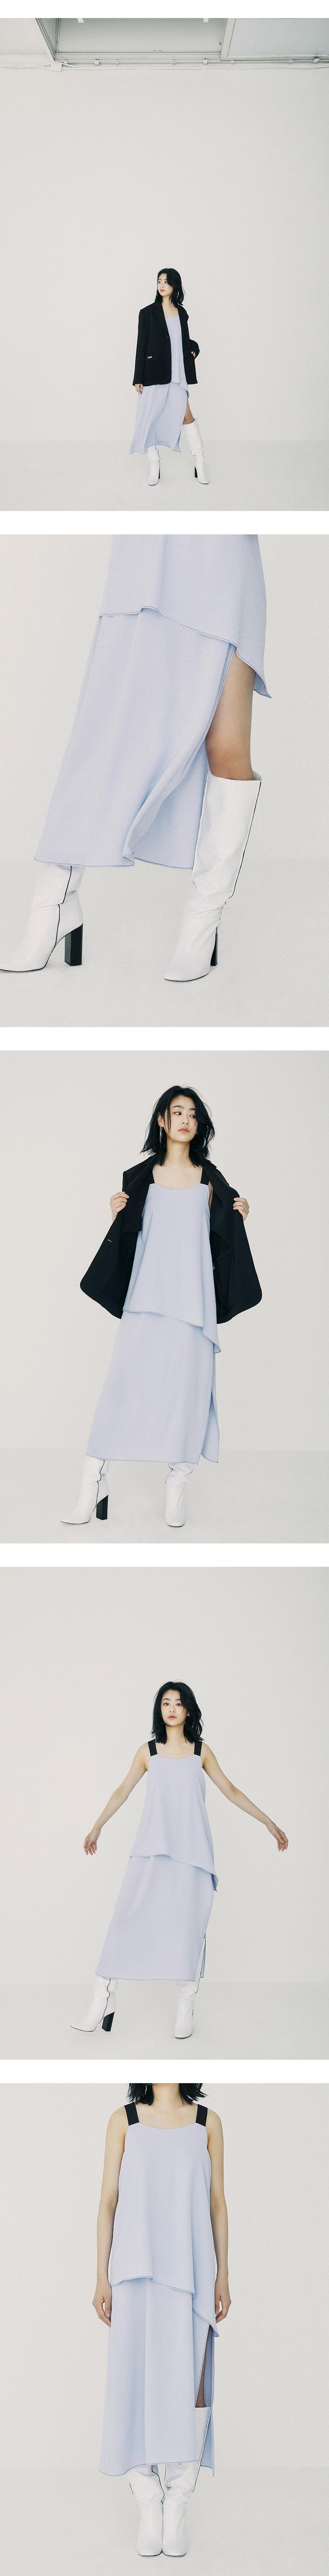 온느(ONNE) Unbal Twofold Maxi Dress Light Blue